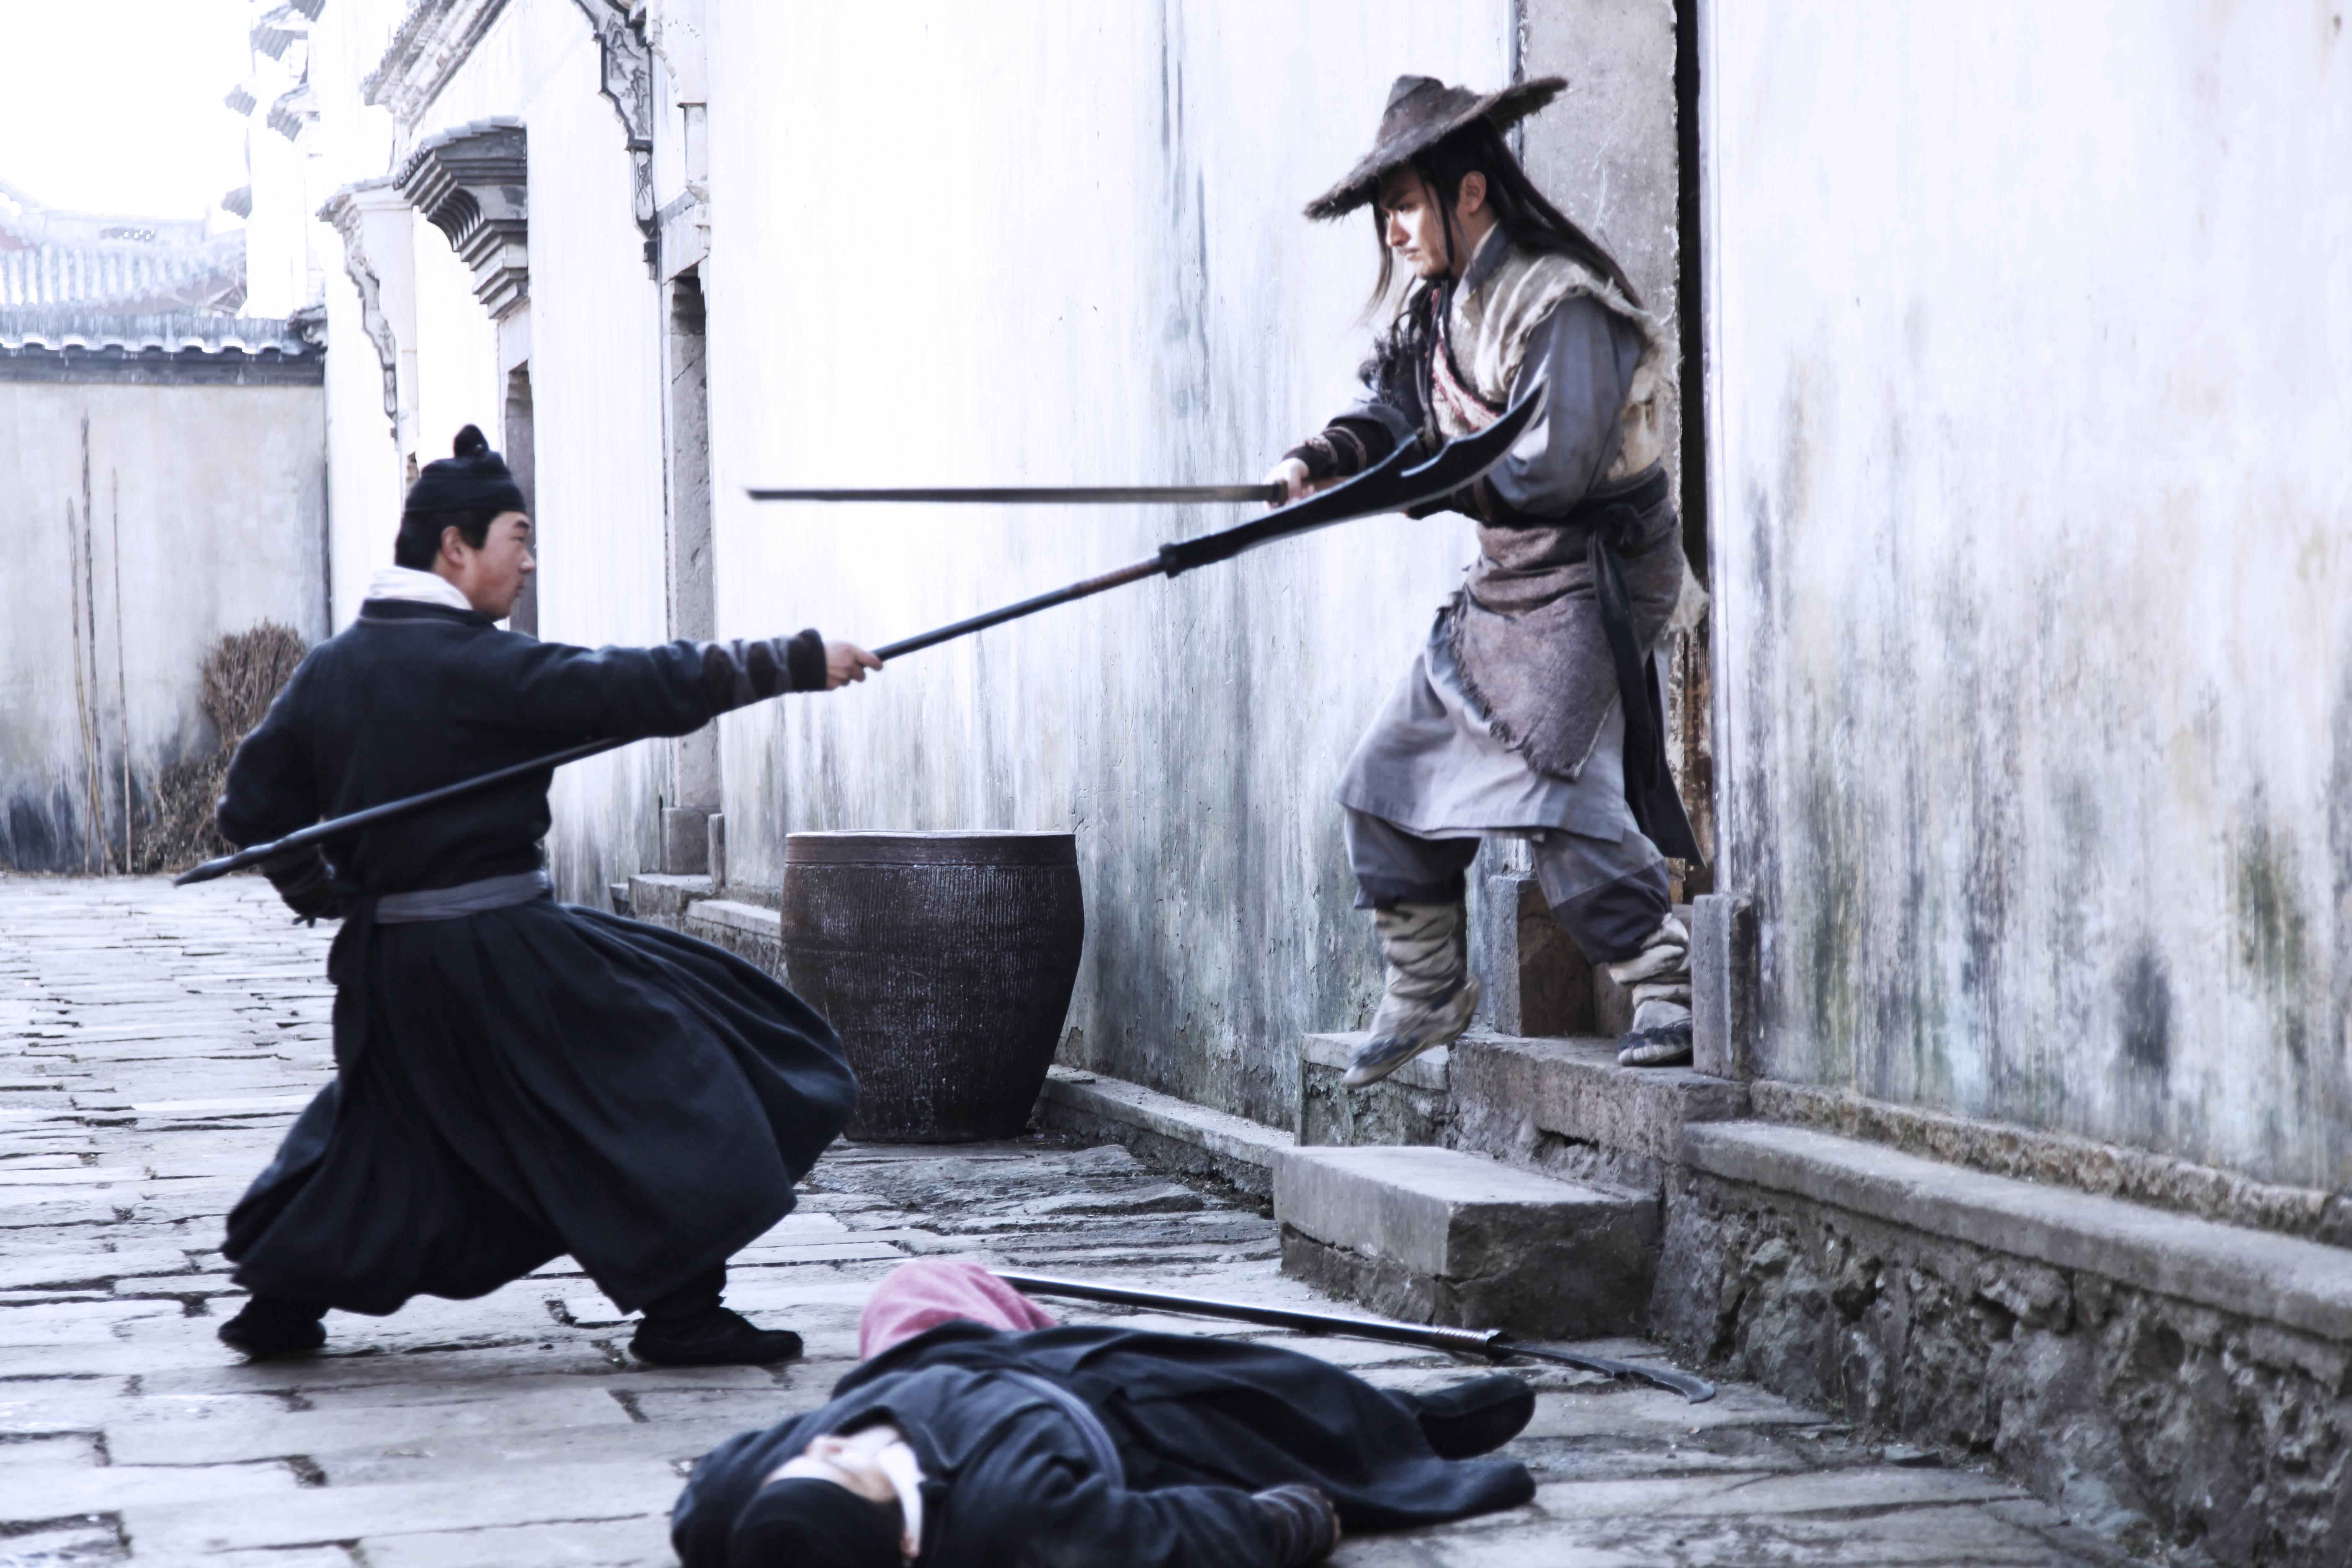 徐浩峰:武术没有套路这回事,把习武人当作一个职业来拍丨人物